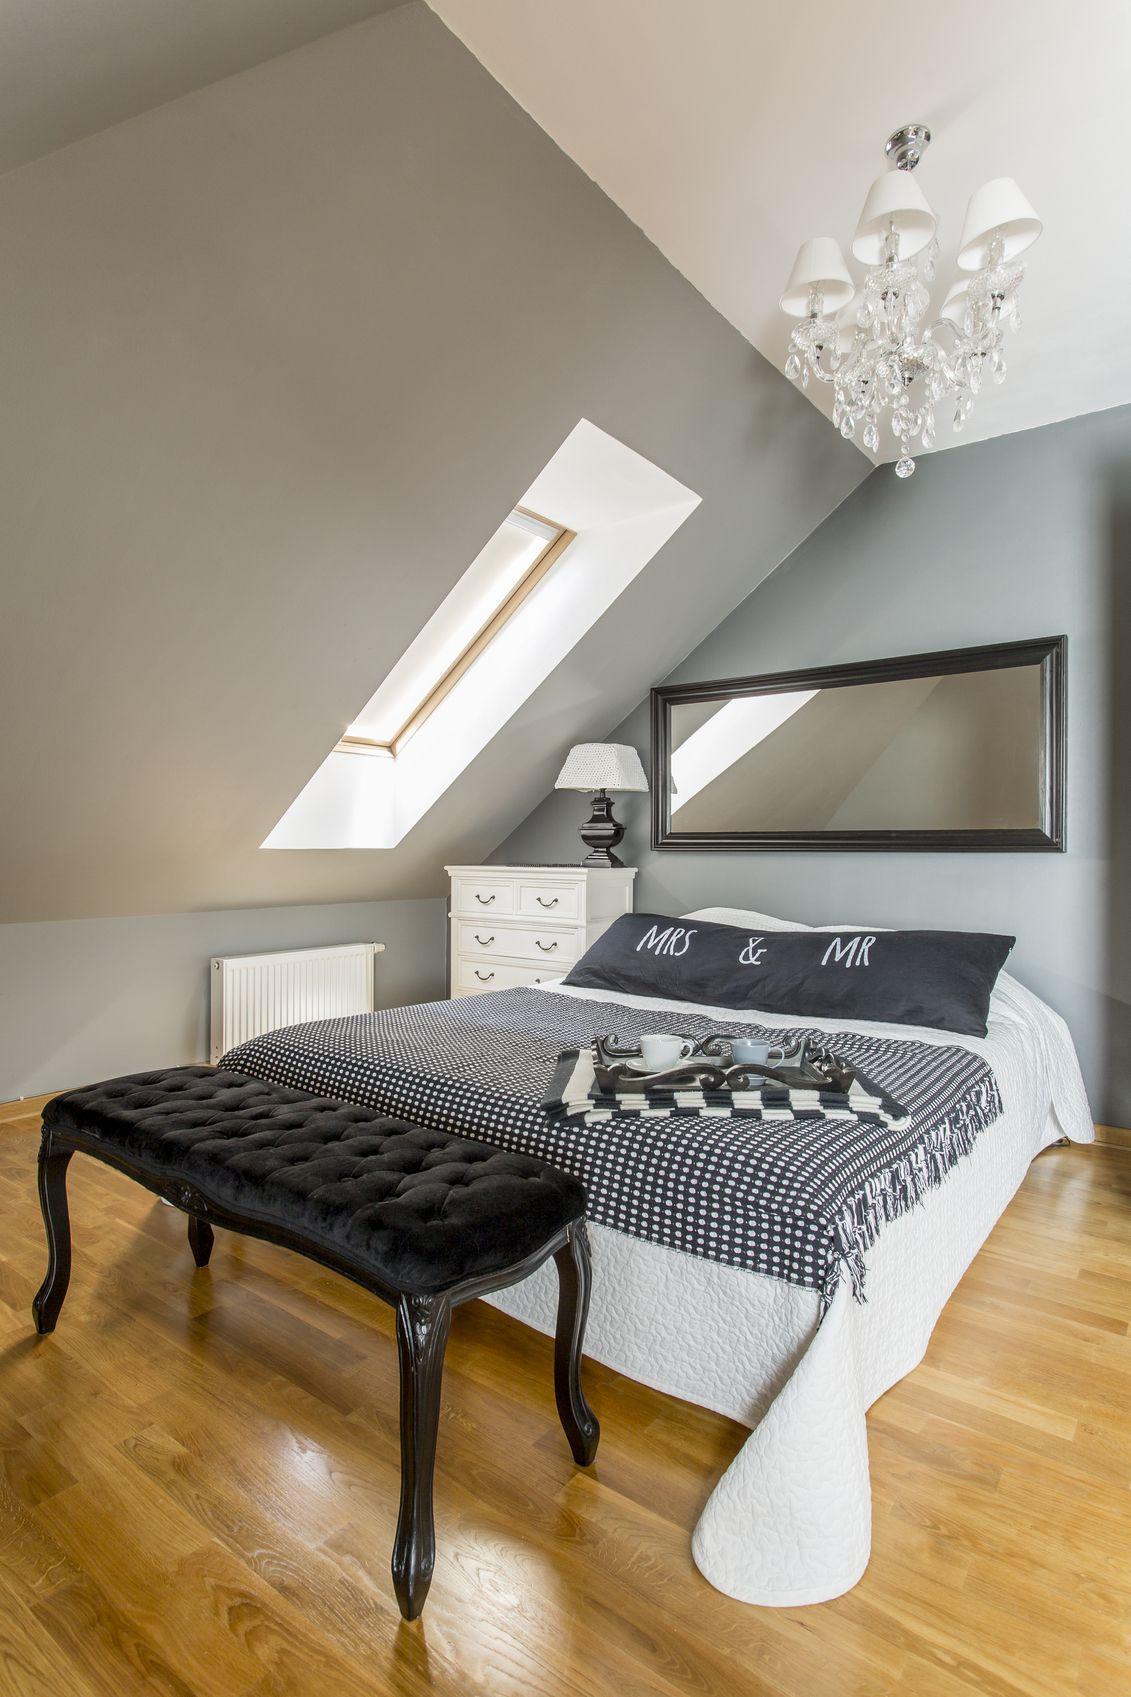 Full Size of Dachschrgen Gestalten Mit Diesen 6 Tipps Richtet Ihr Euer Schlafzimmer Schränke Deckenleuchte Eckschrank Fototapete Schimmel Im Modern Komplett Weiß Wohnzimmer Schlafzimmer Gestalten